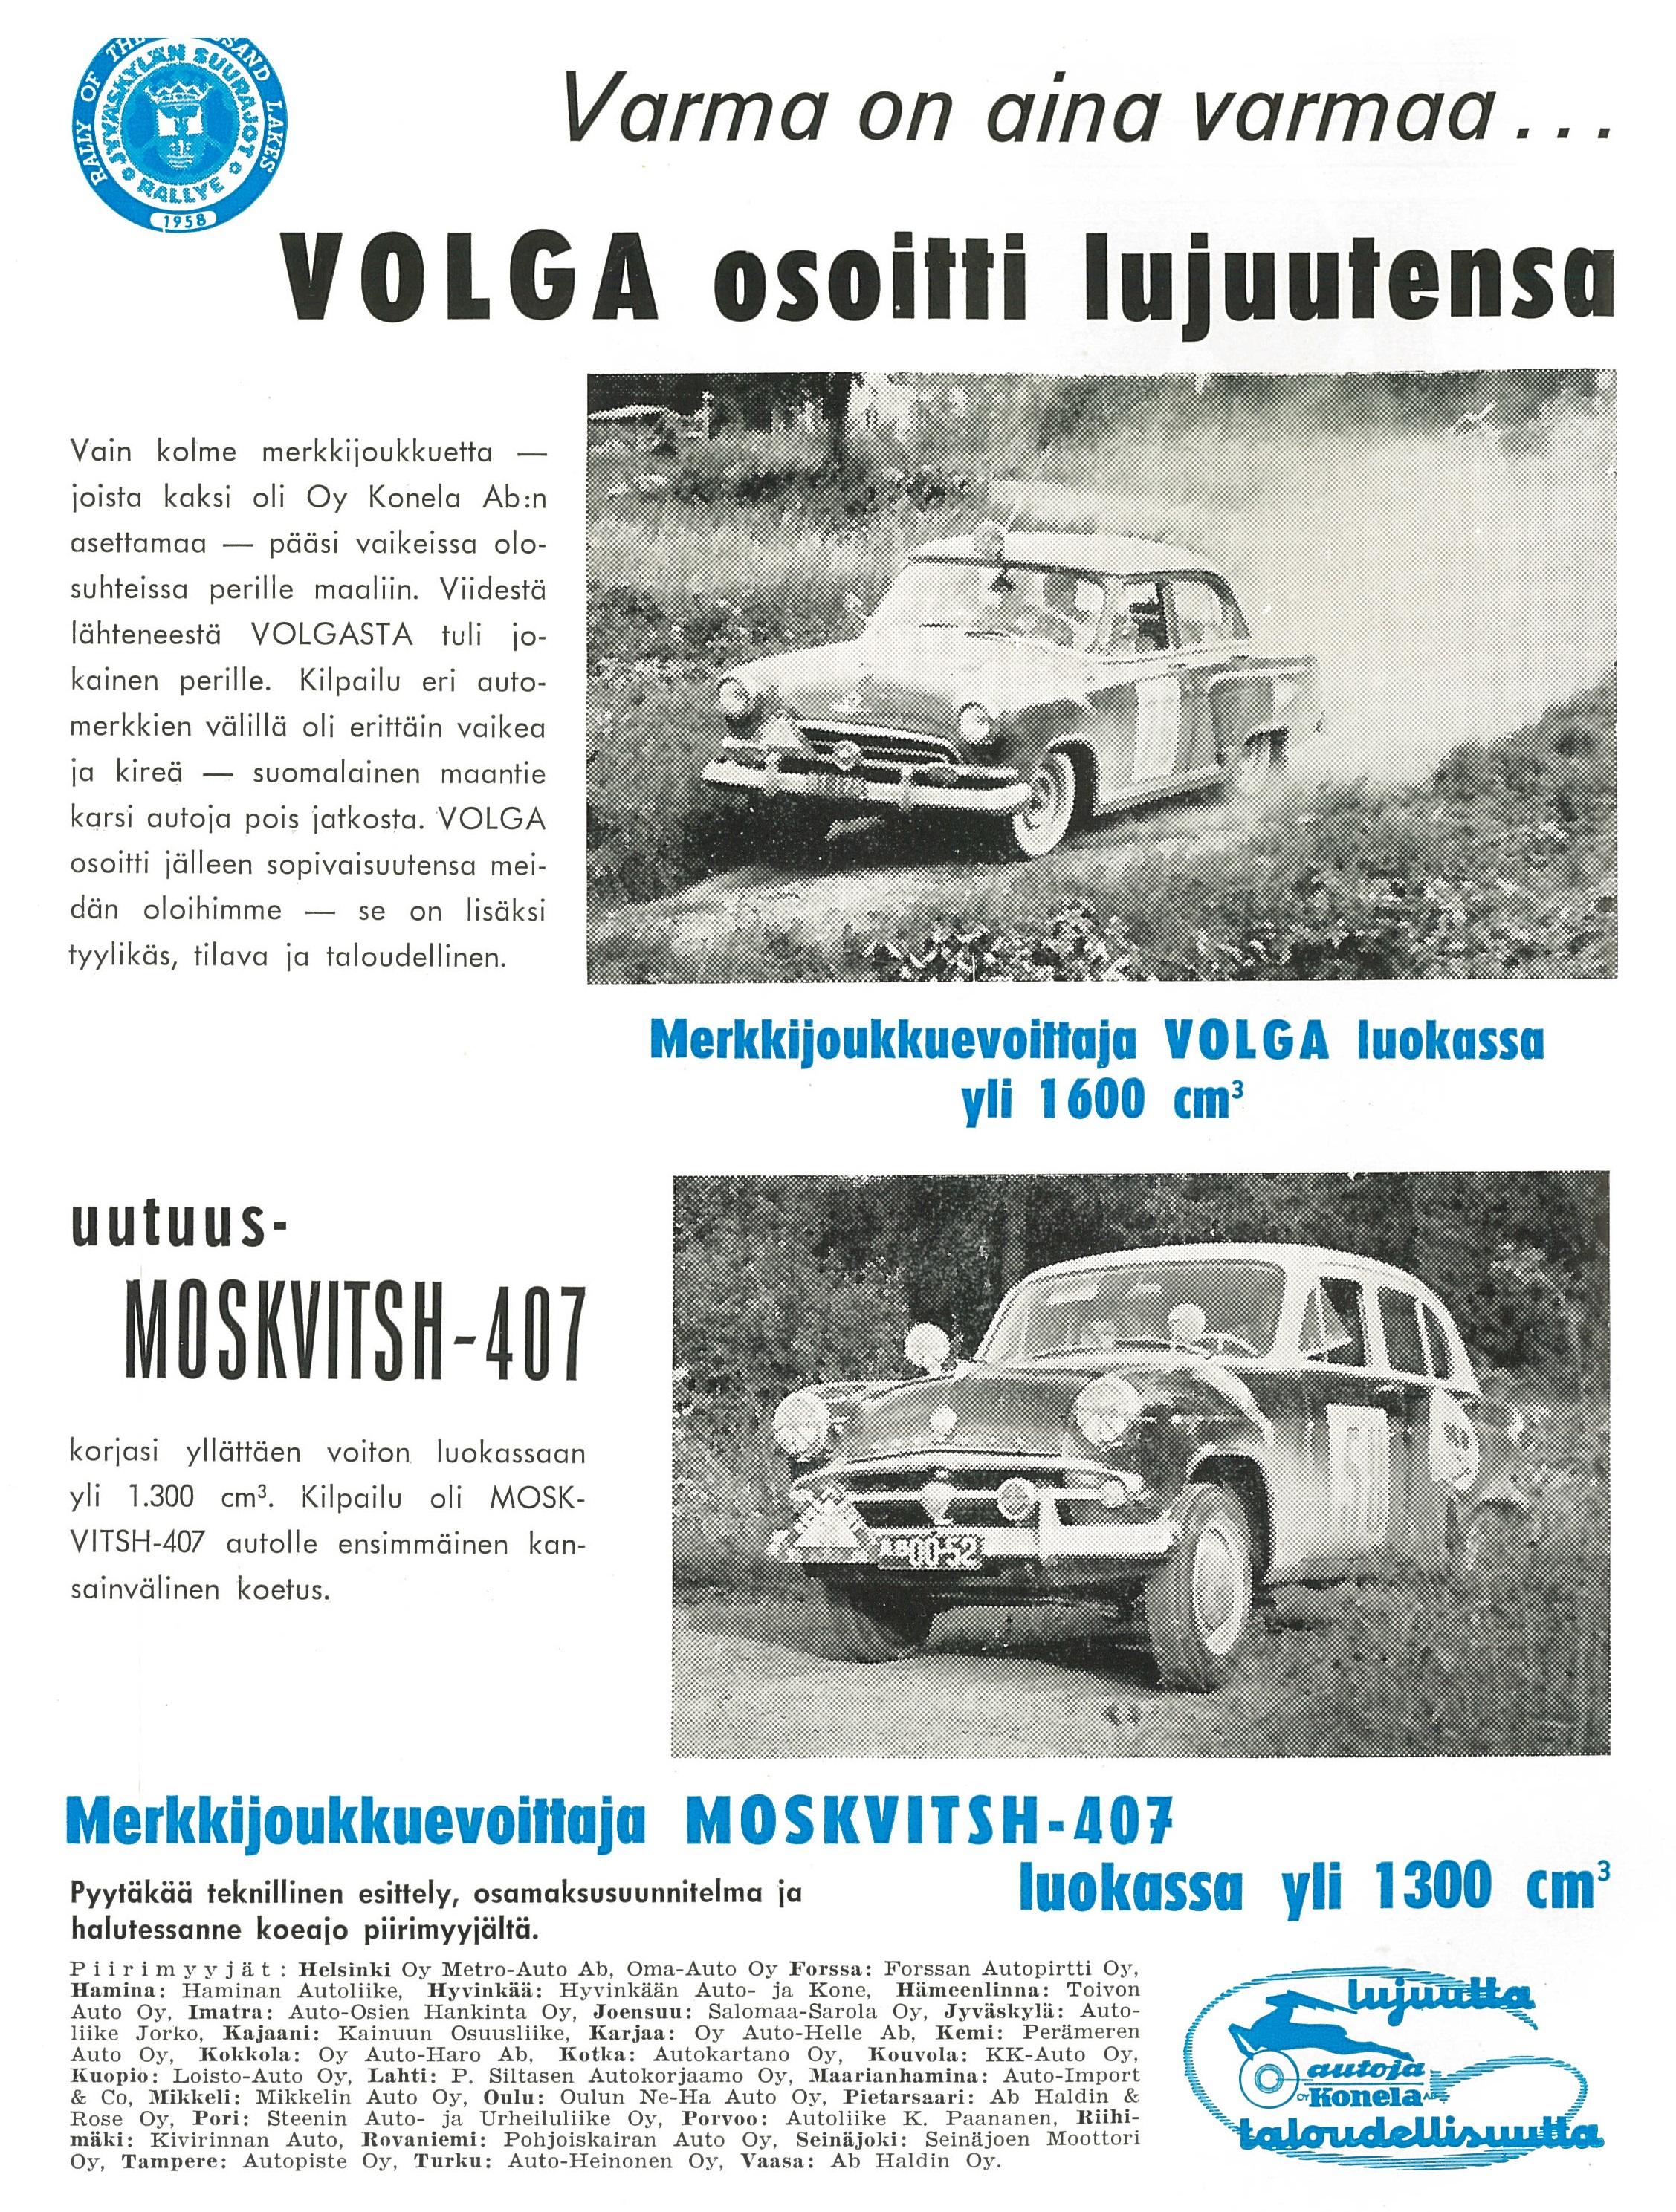 vol_58volgmosjyskälä